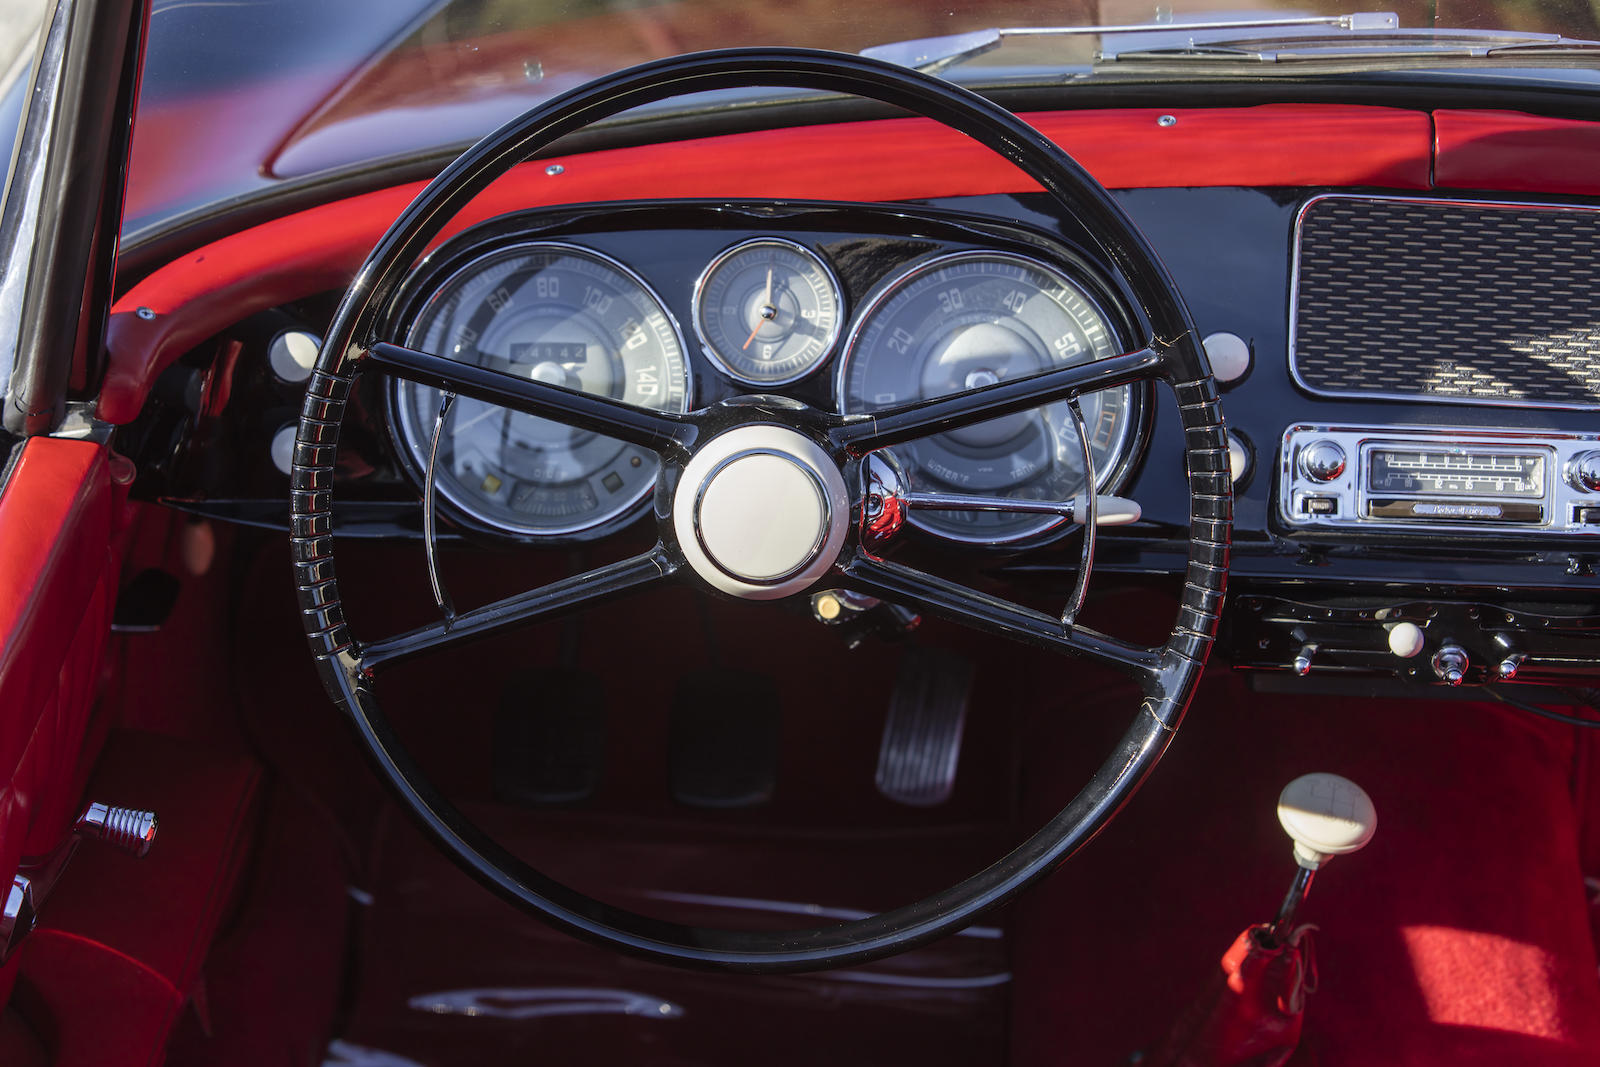 BMW 507 Series II Roadster interior steering wheel